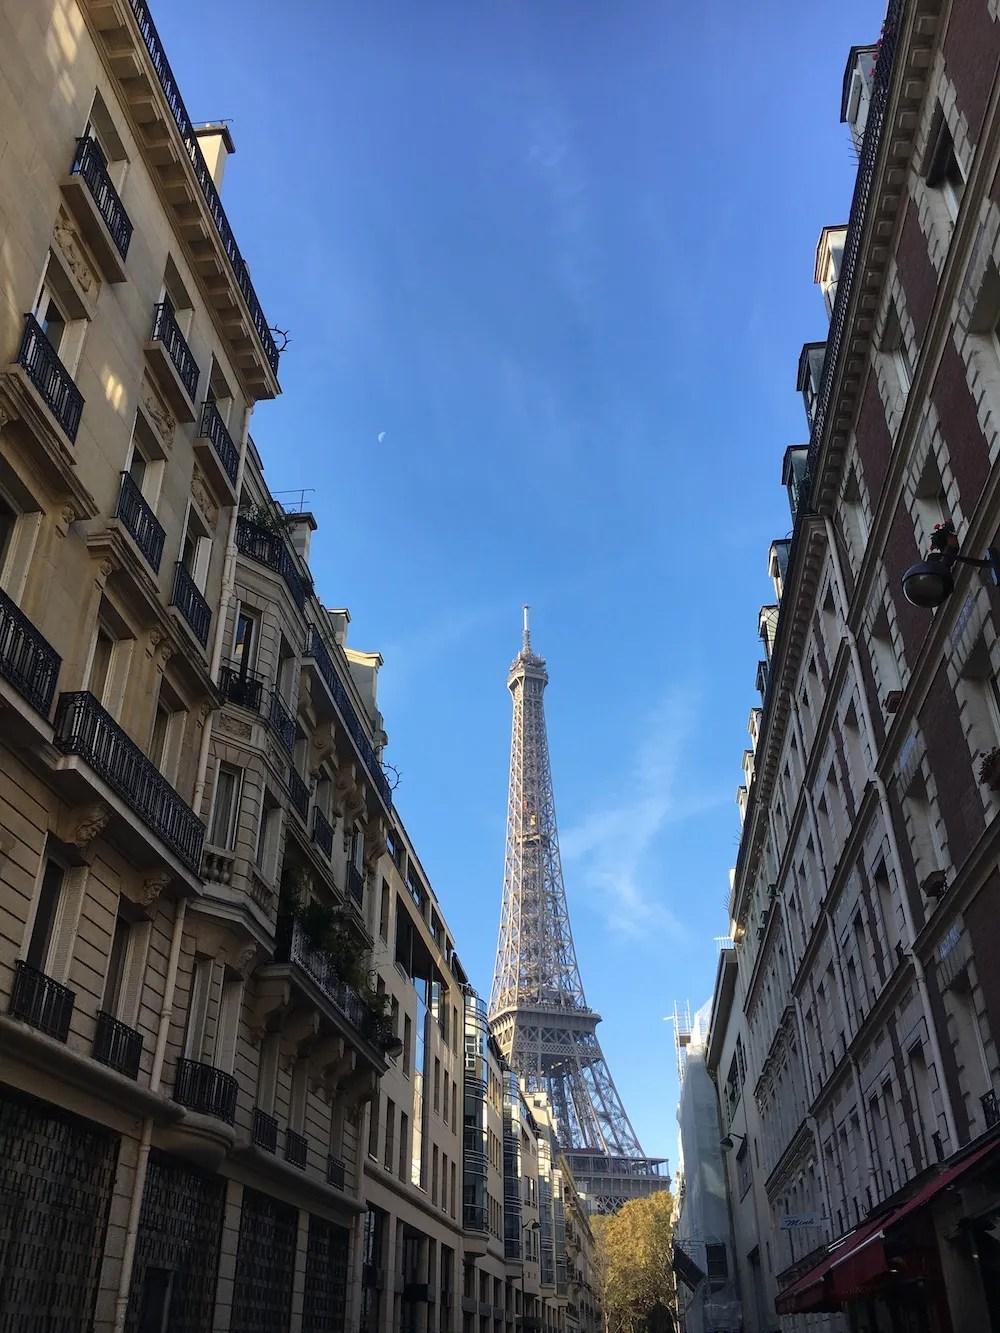 London Day Trips - Paris